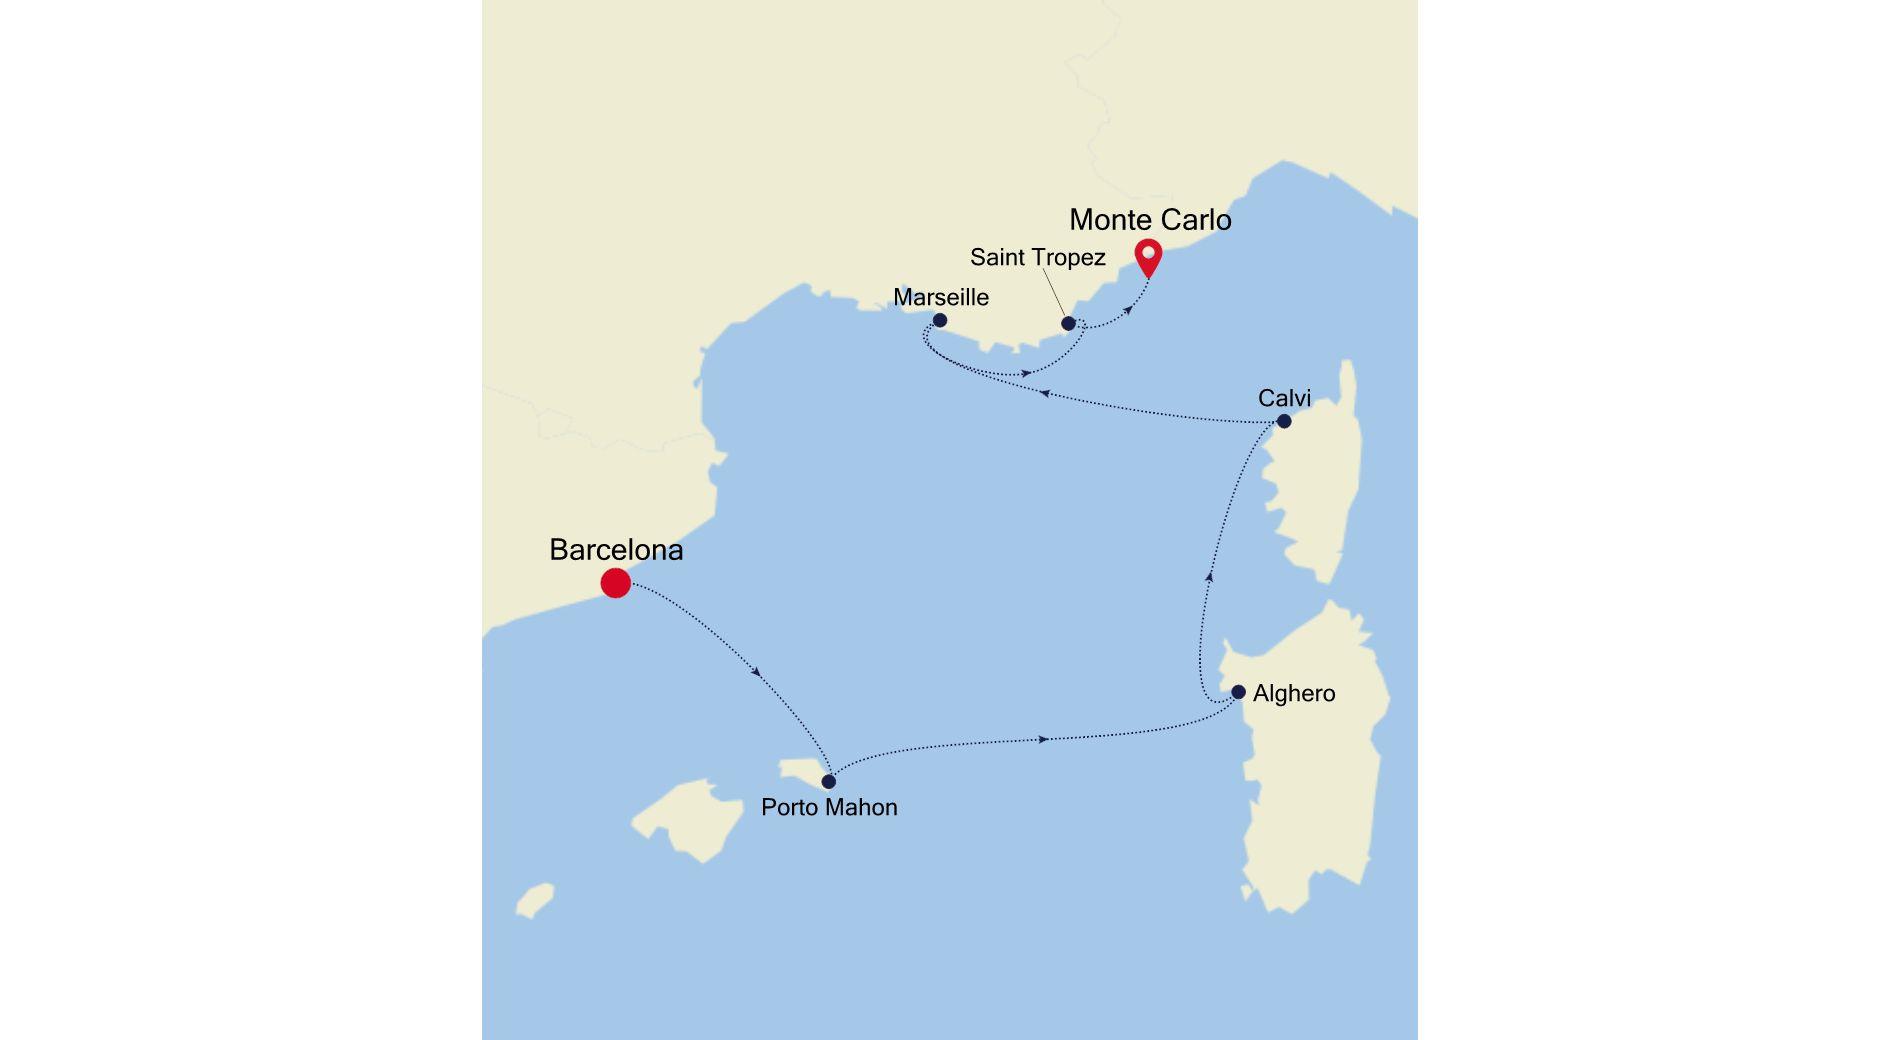 3915 - Barcelona to Monte Carlo